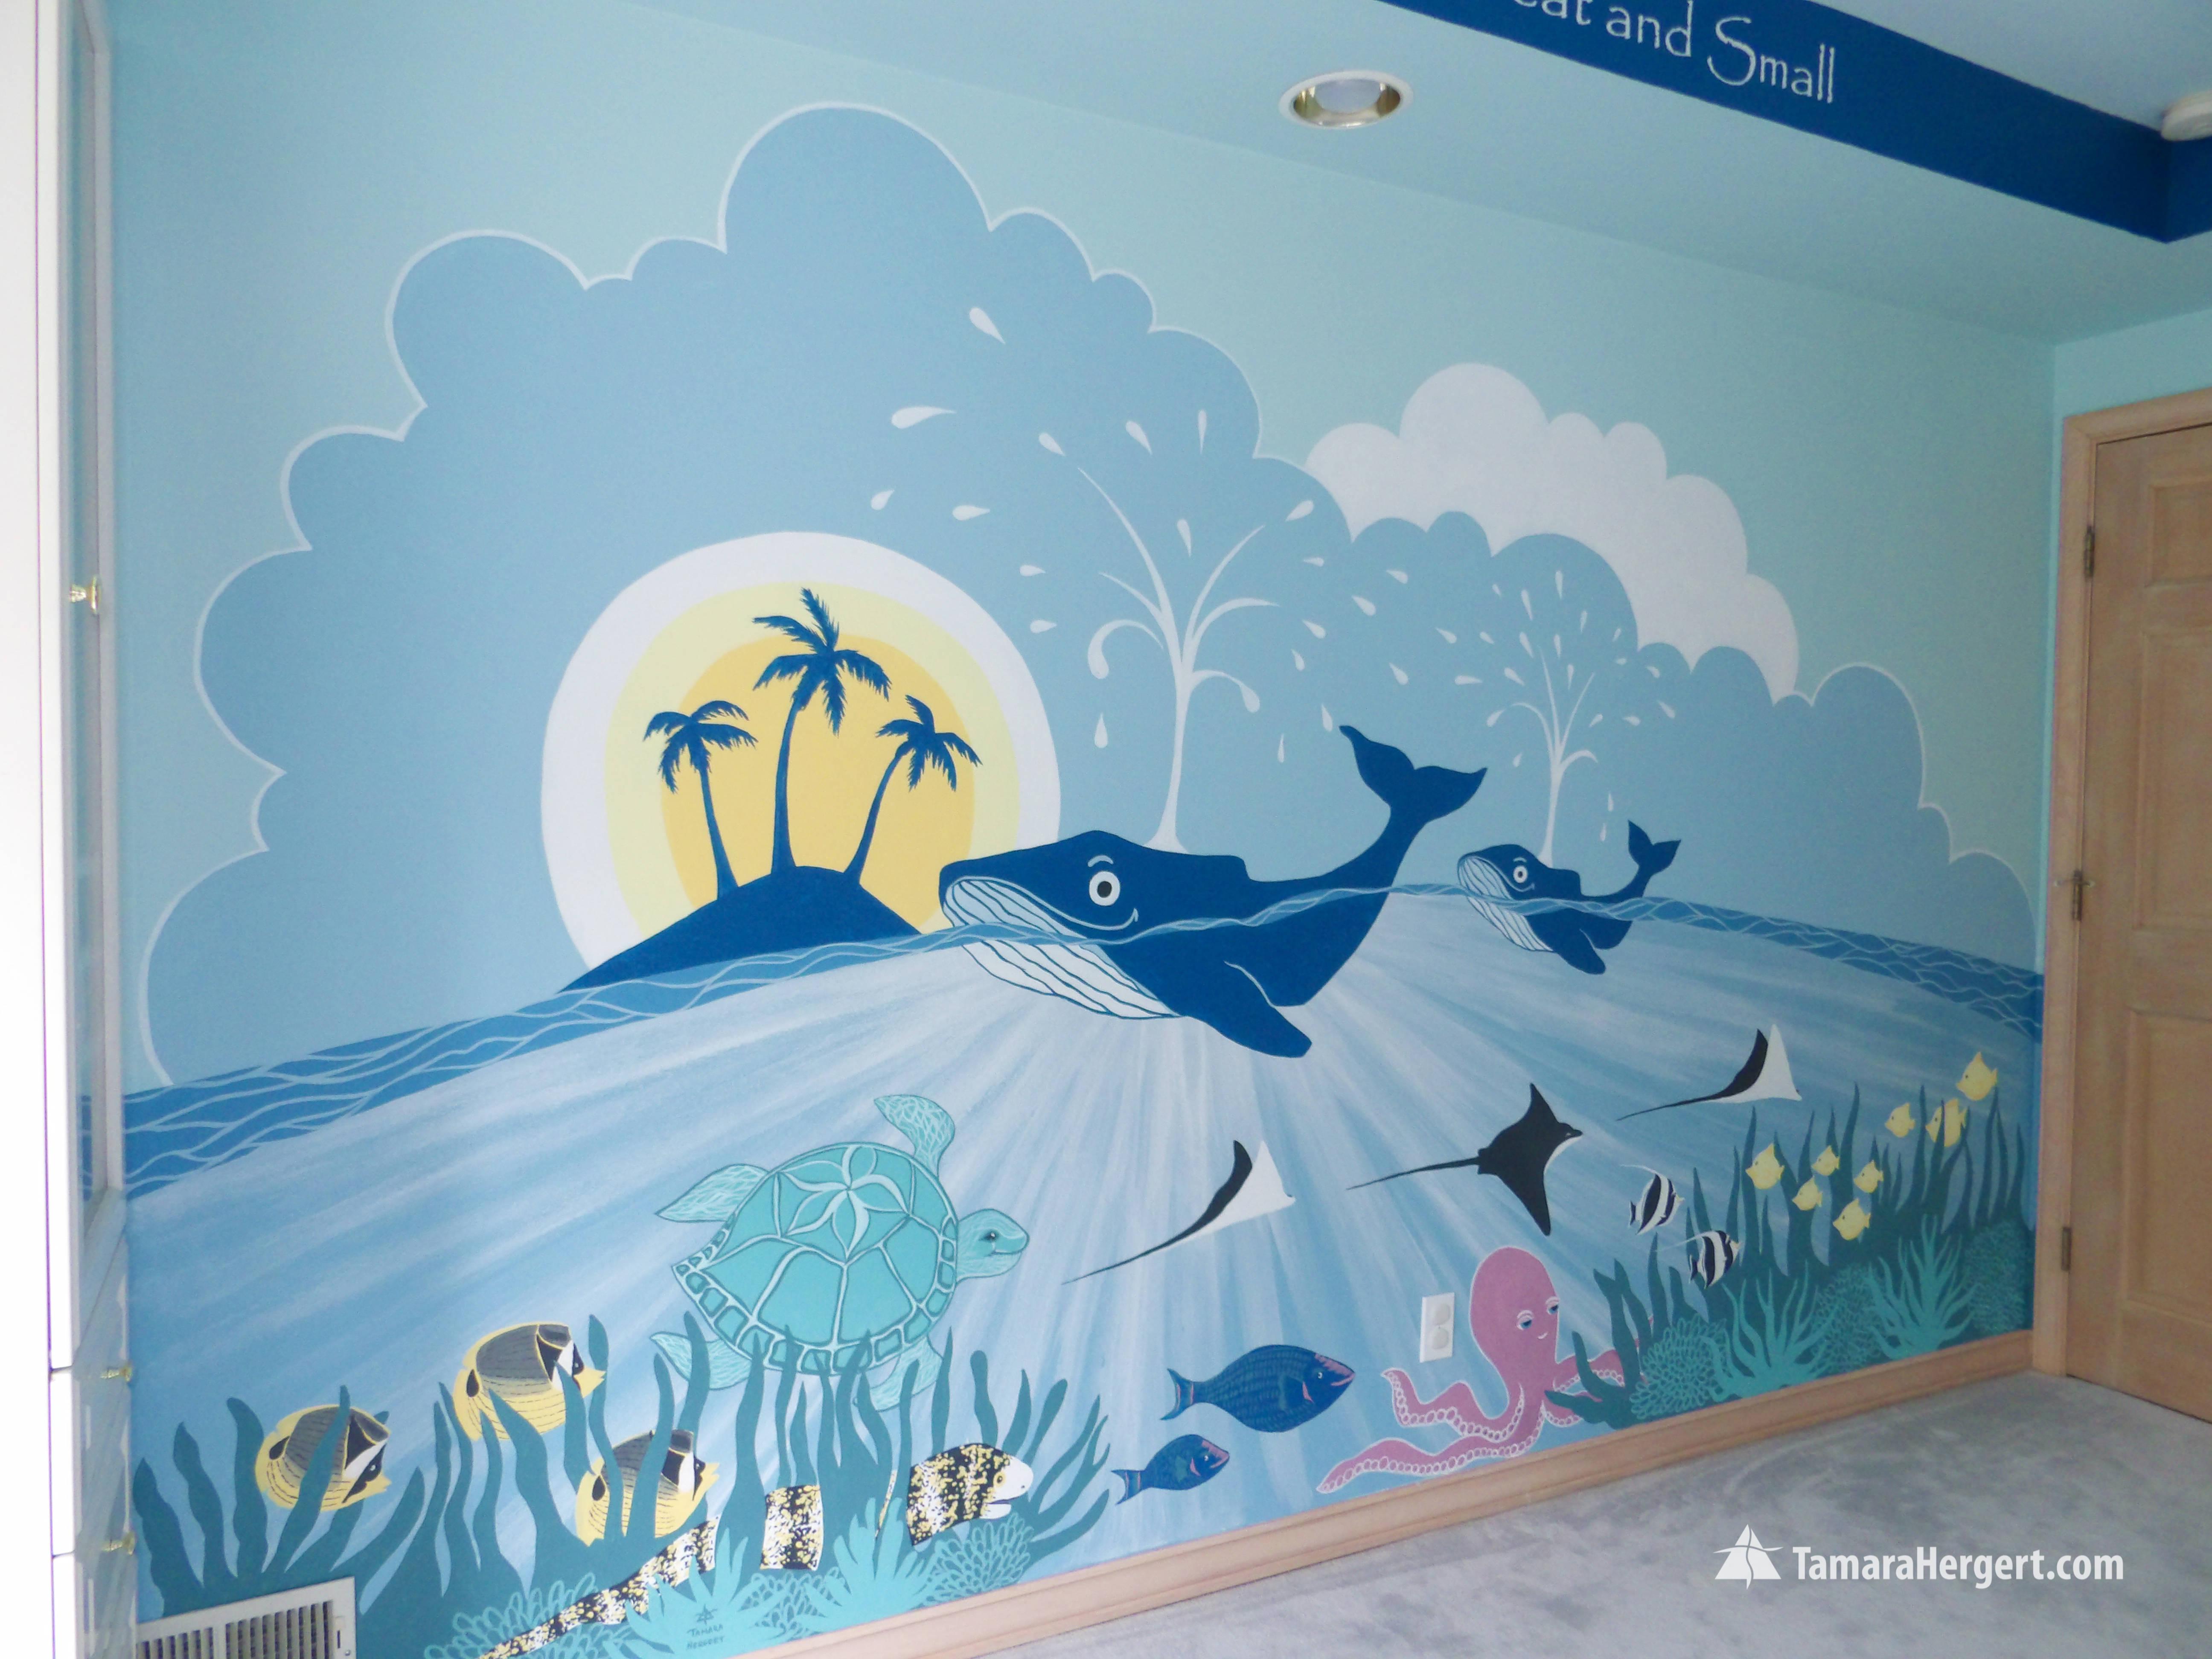 Sealife mural by Tamara Hergert 10